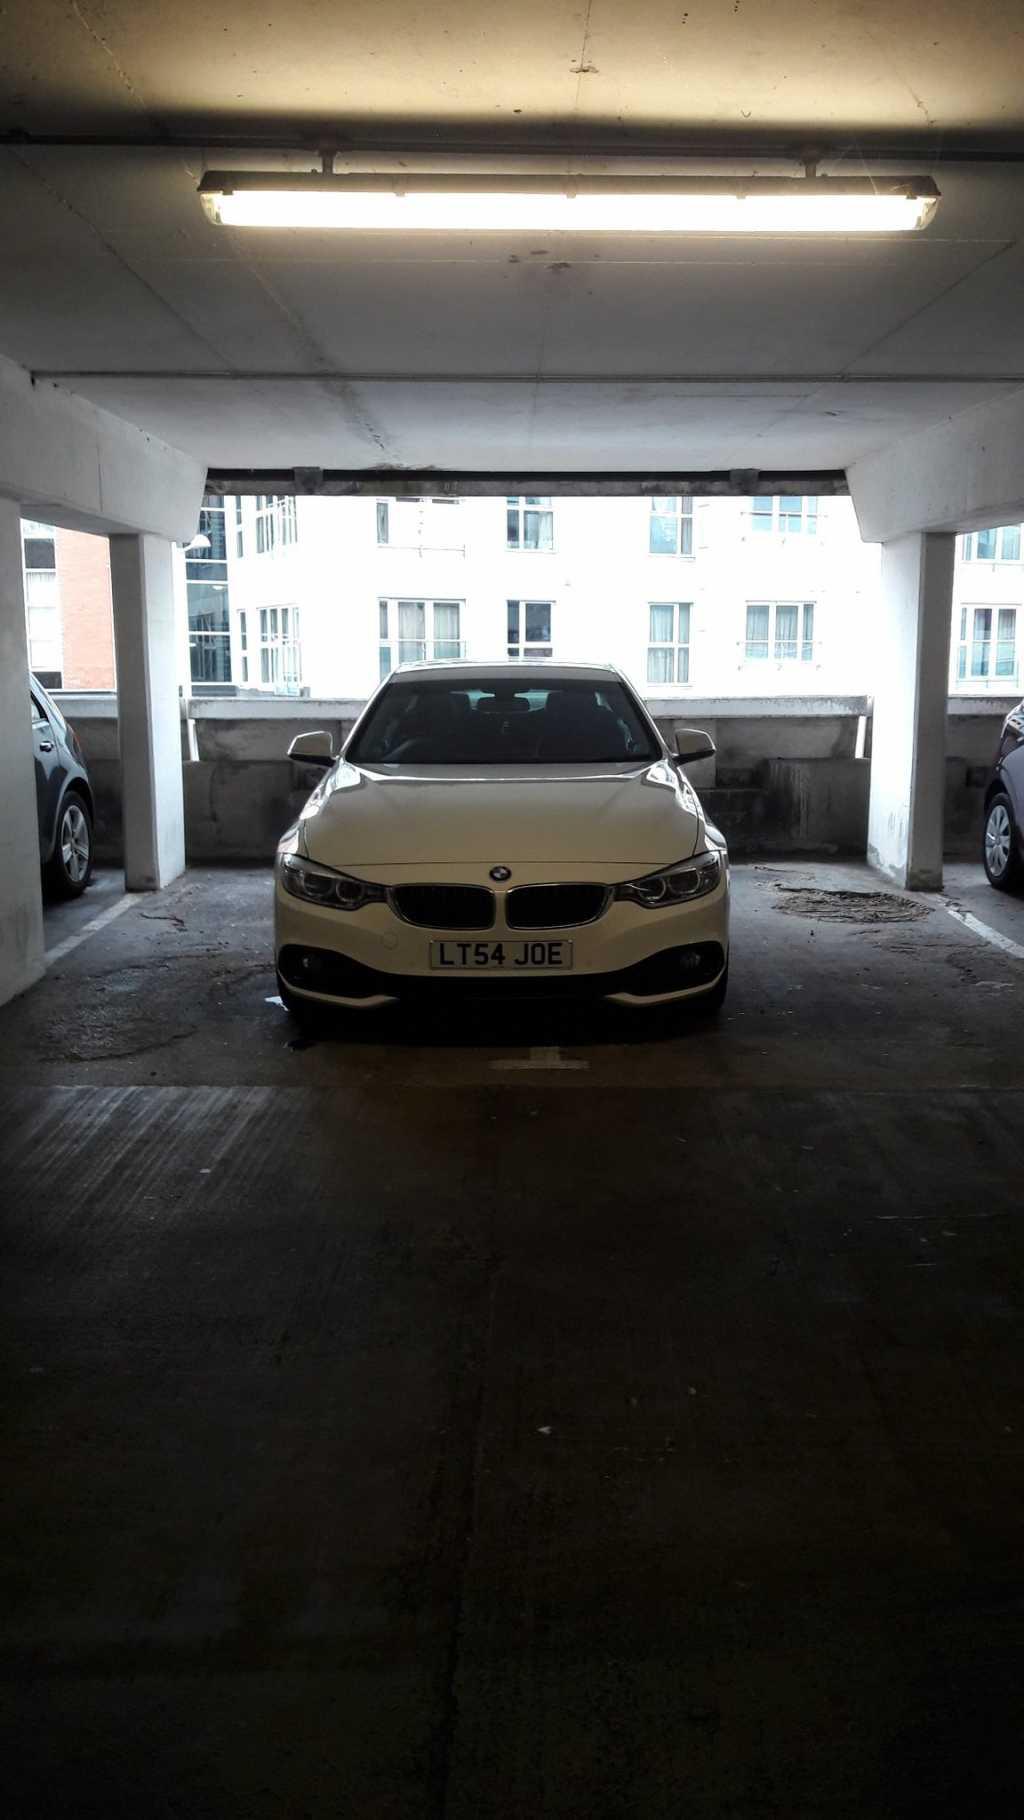 LT54 JOE displaying Selfish Parking